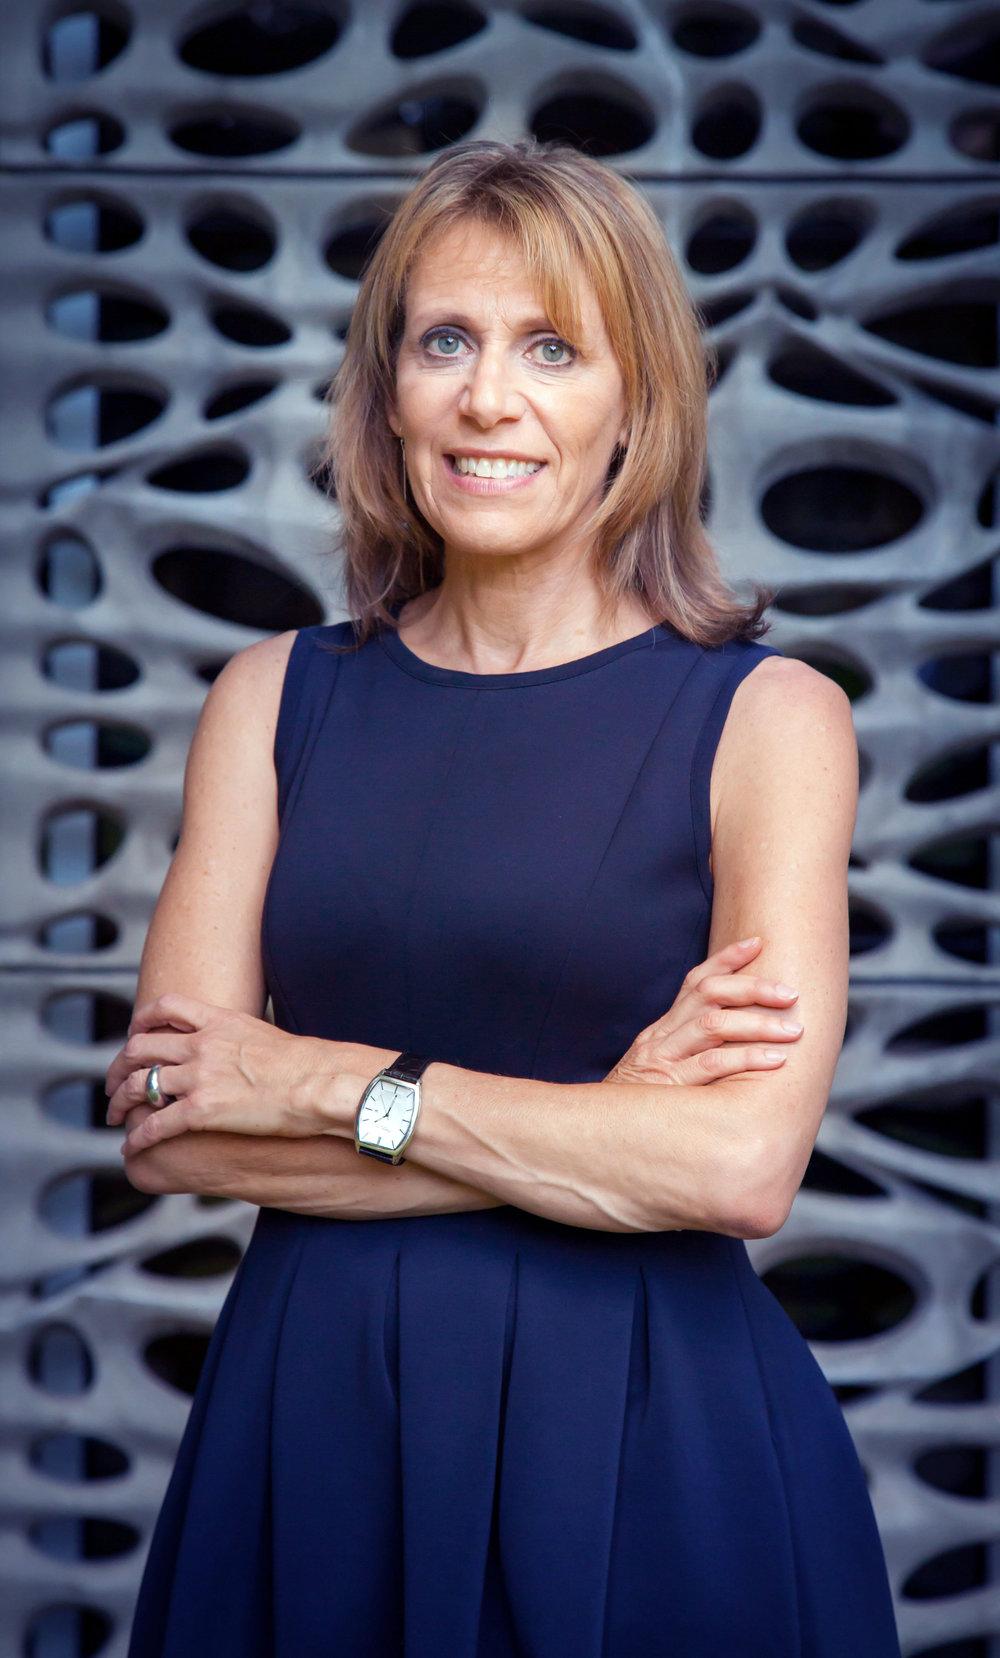 Dr. Nan Ellin